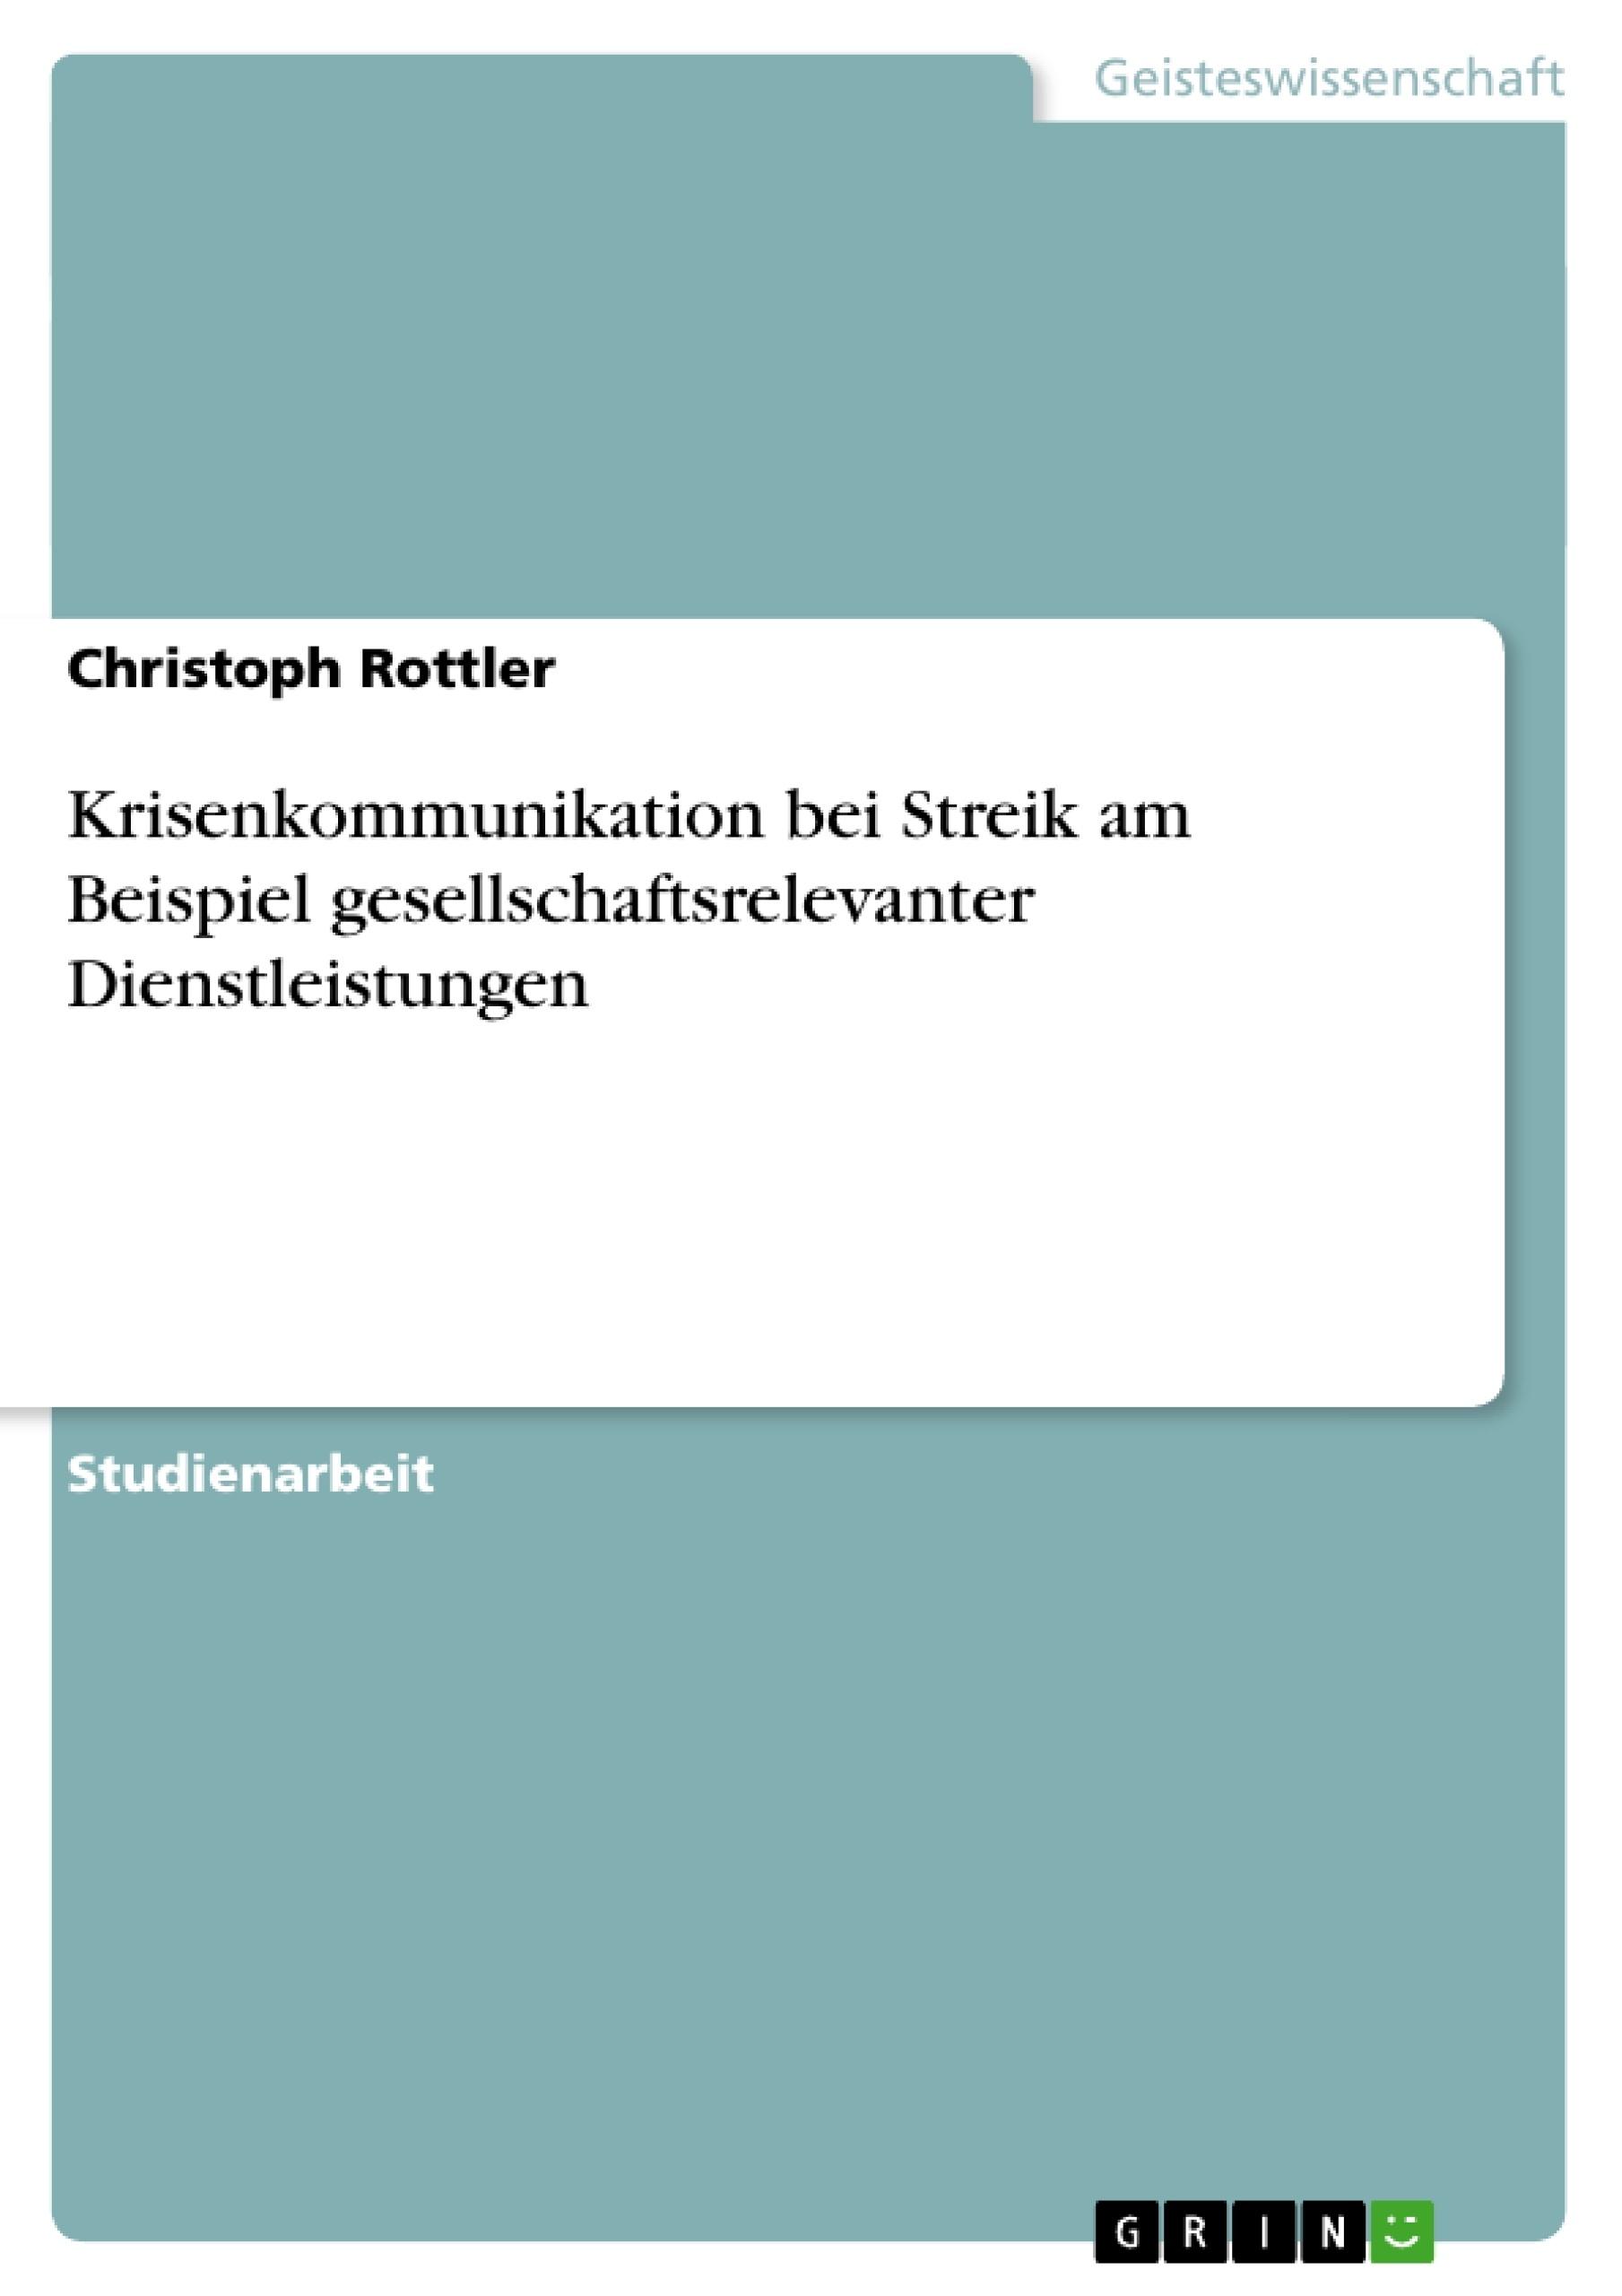 Titel: Krisenkommunikation bei Streik am Beispiel gesellschaftsrelevanter Dienstleistungen